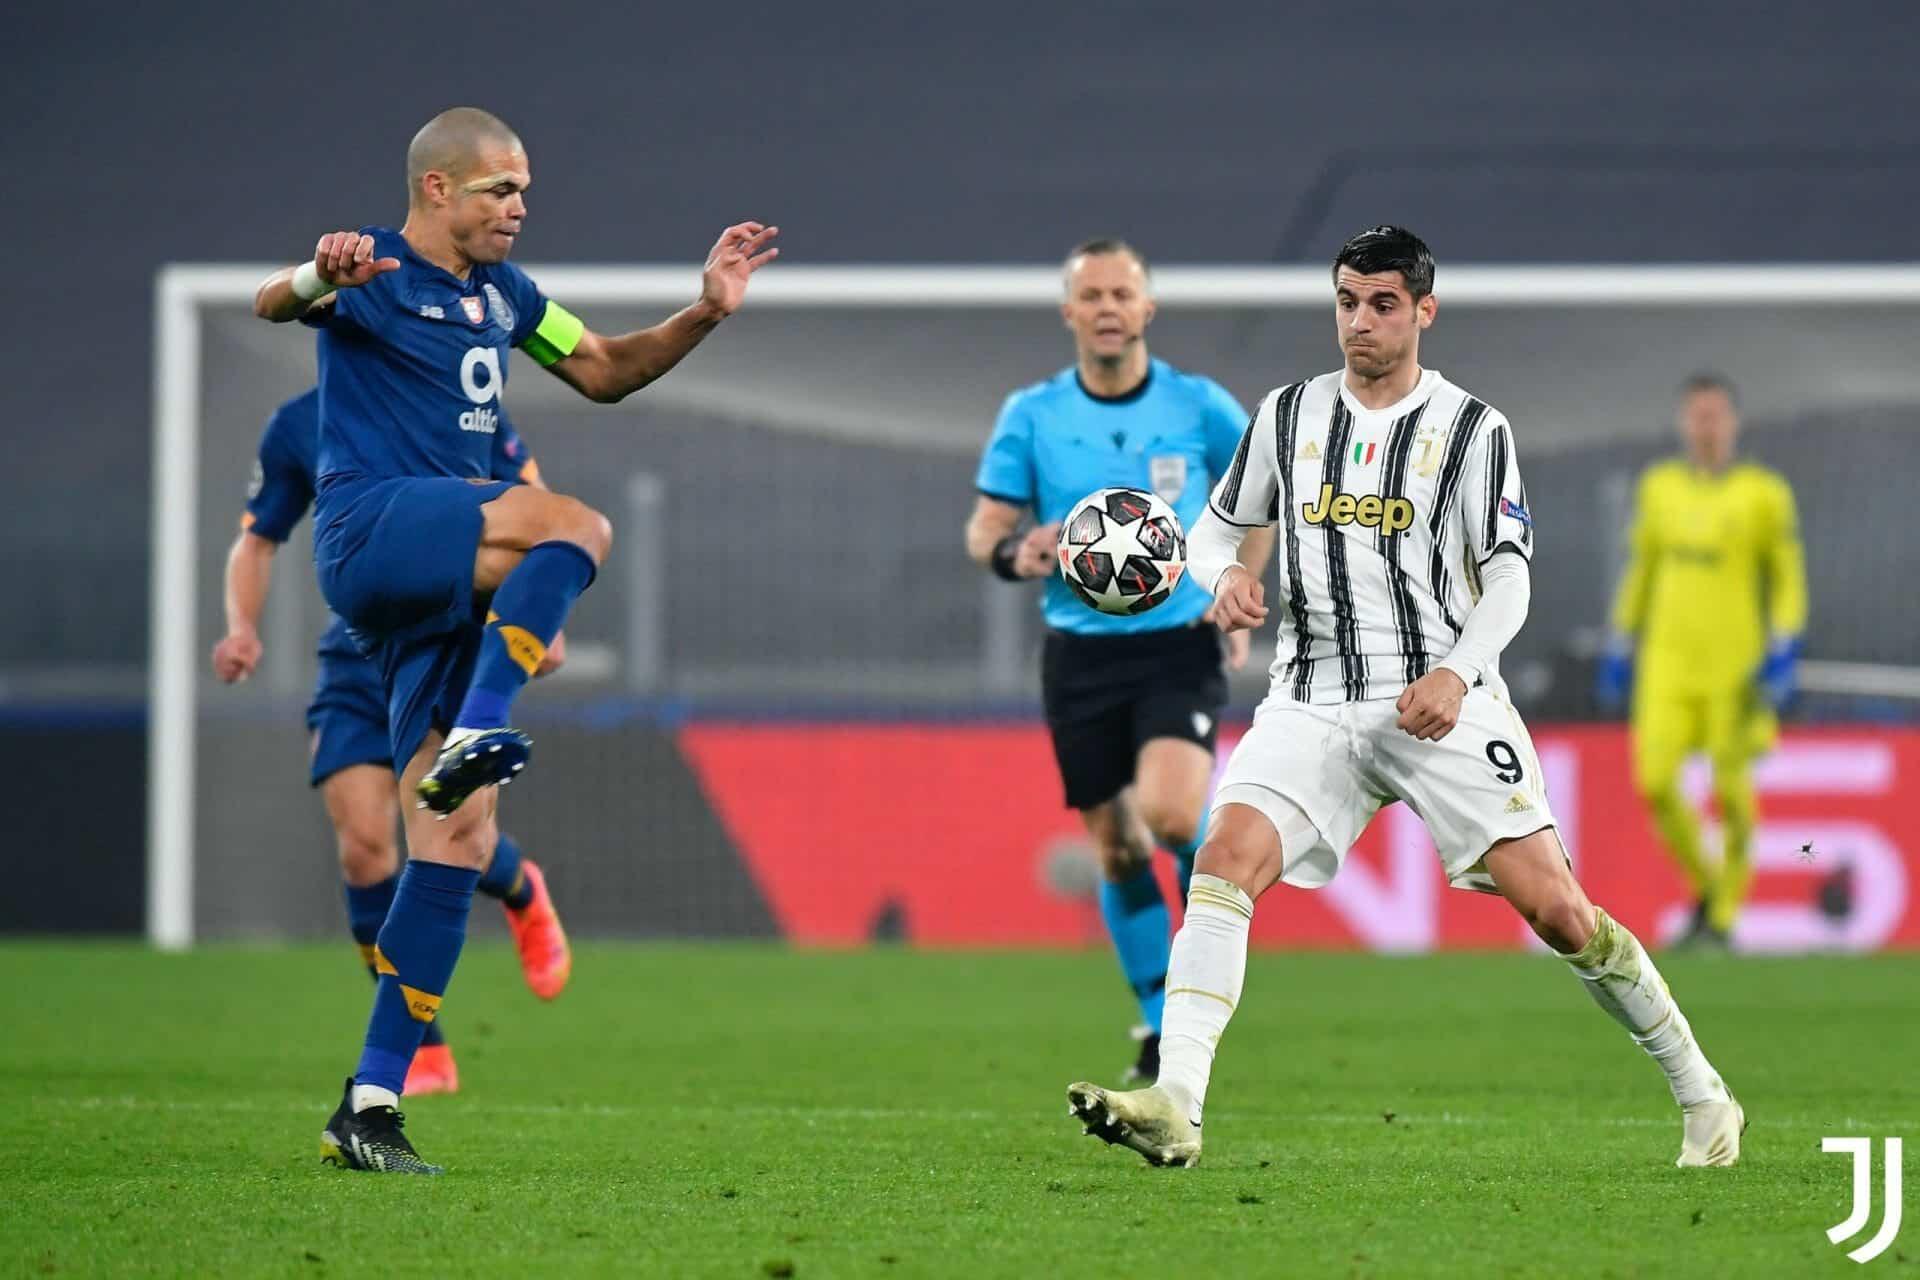 يوفنتوس يودع دوري أبطال أوروبا أمام بورتو على ميدانه